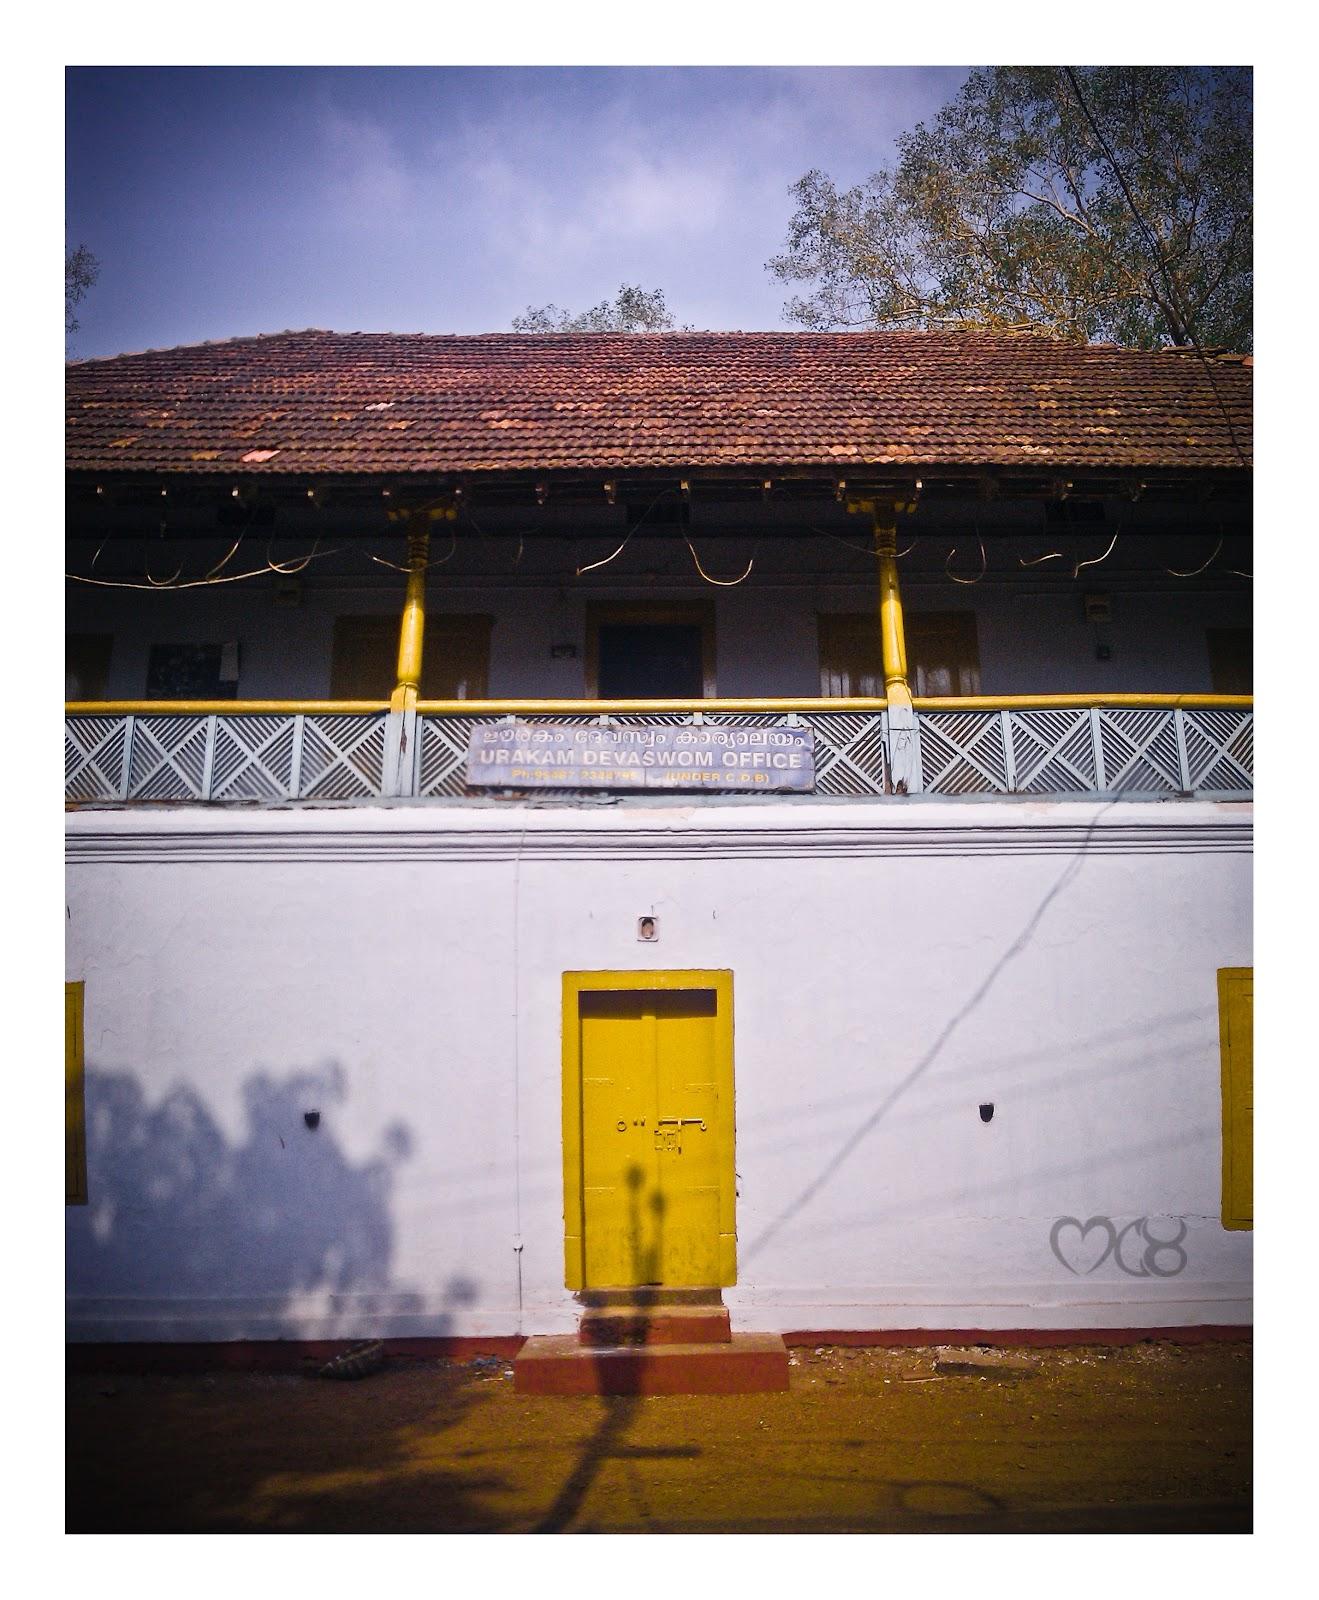 Urakam Devaswam Office